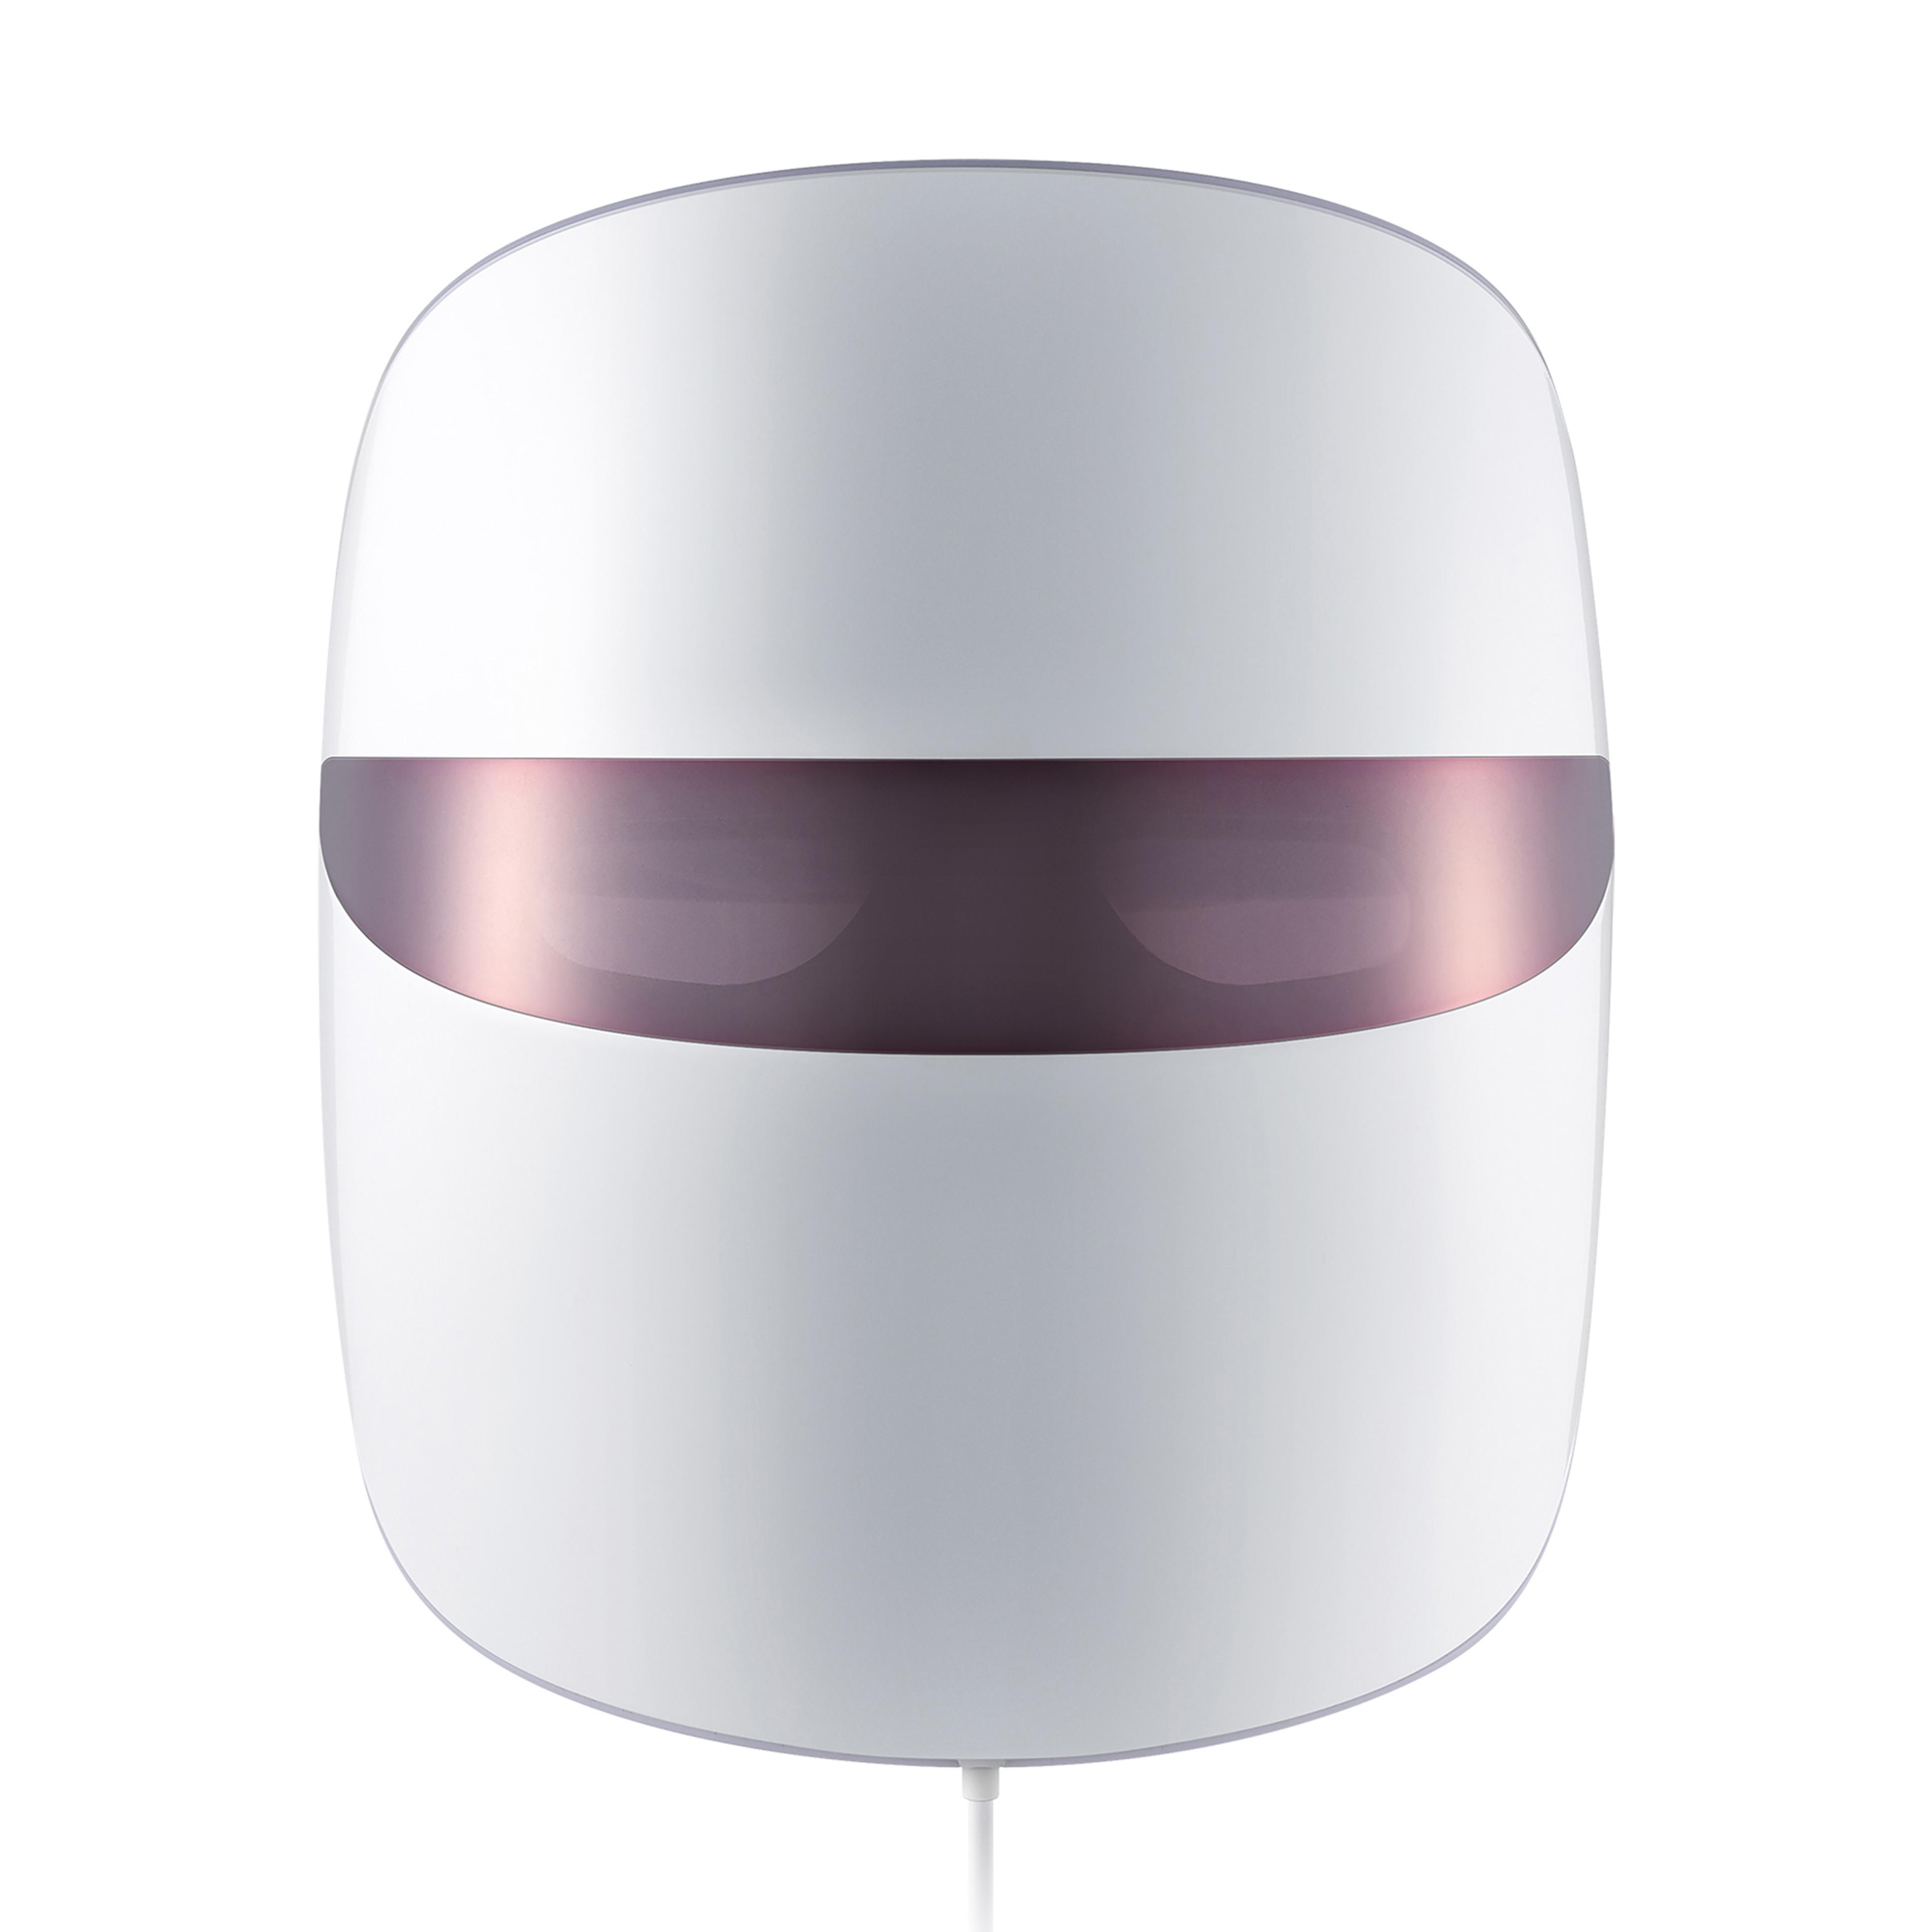 엘지 프라엘 핑크V 피부관리기 더마LED 마스크, BWJ1V, 스틸핑크